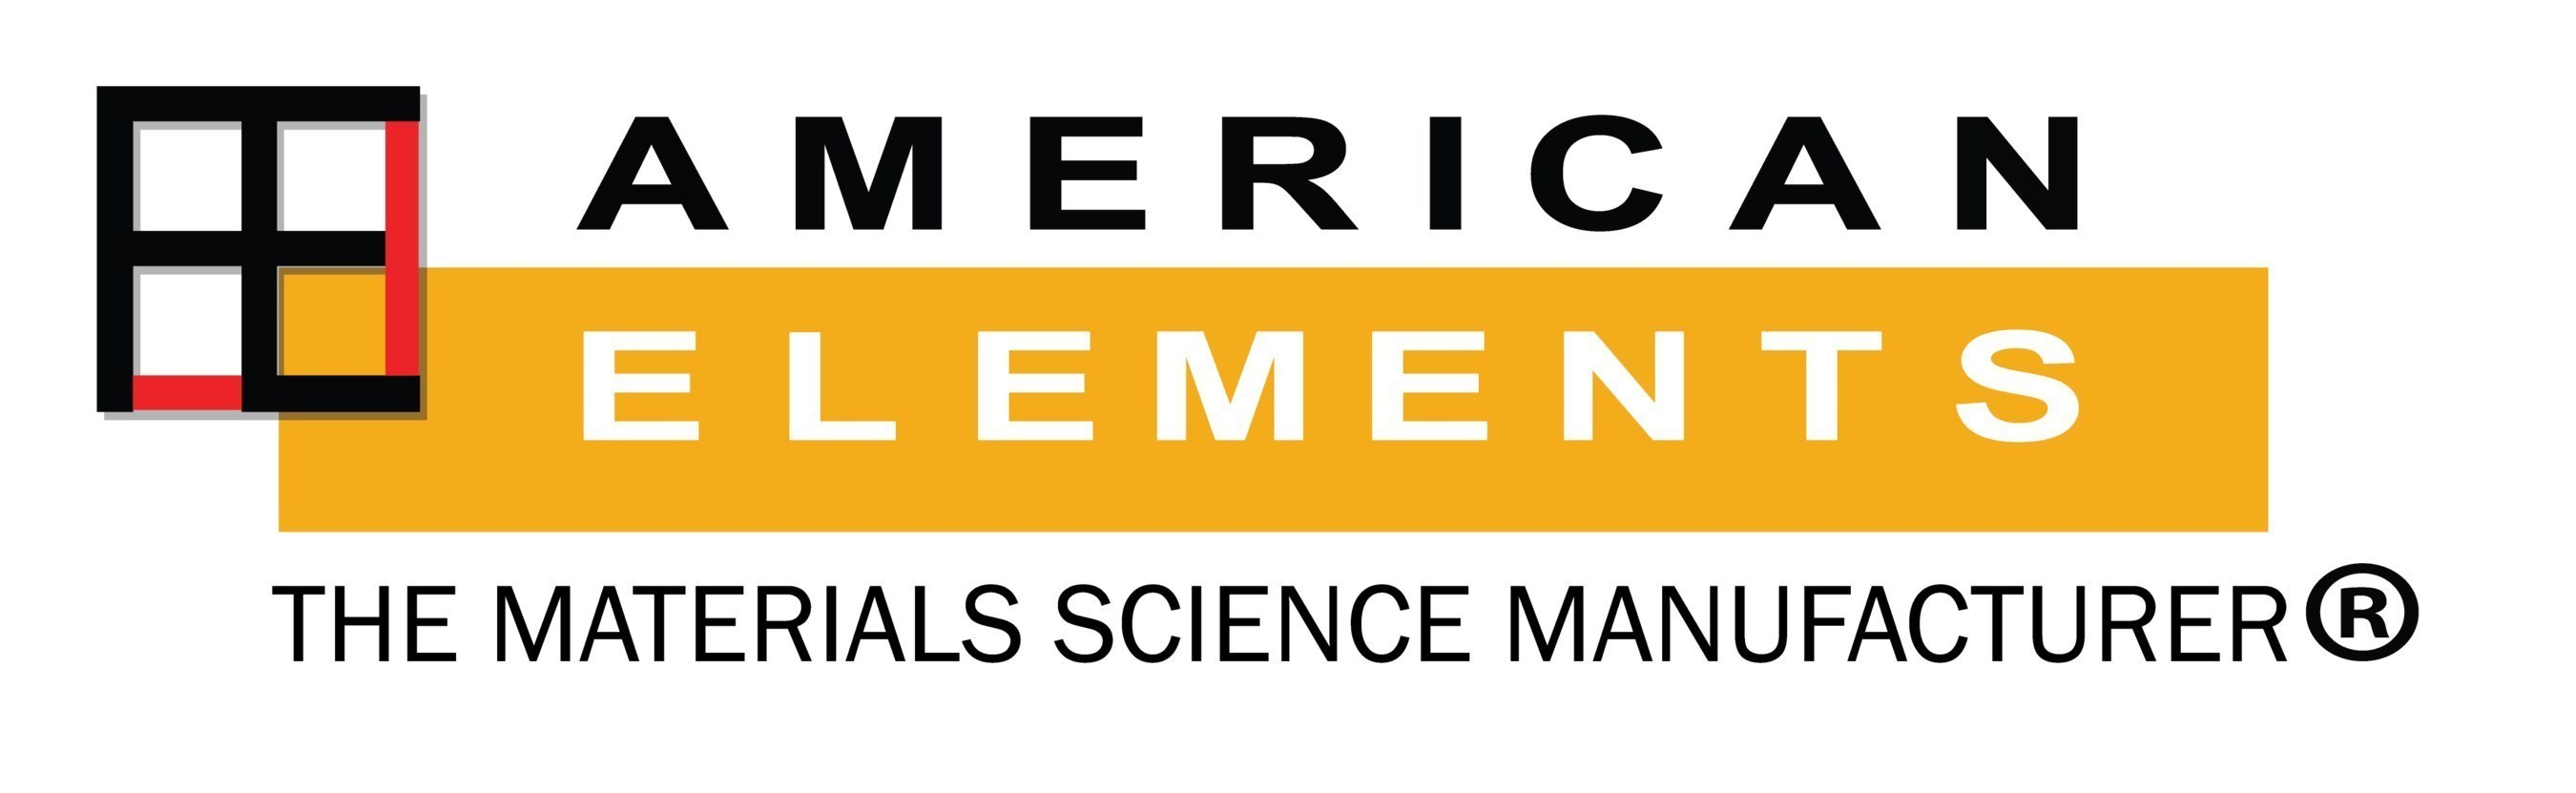 Le plus grand catalogue de la science des matériaux du monde annonce le lancement d'un nouveau site